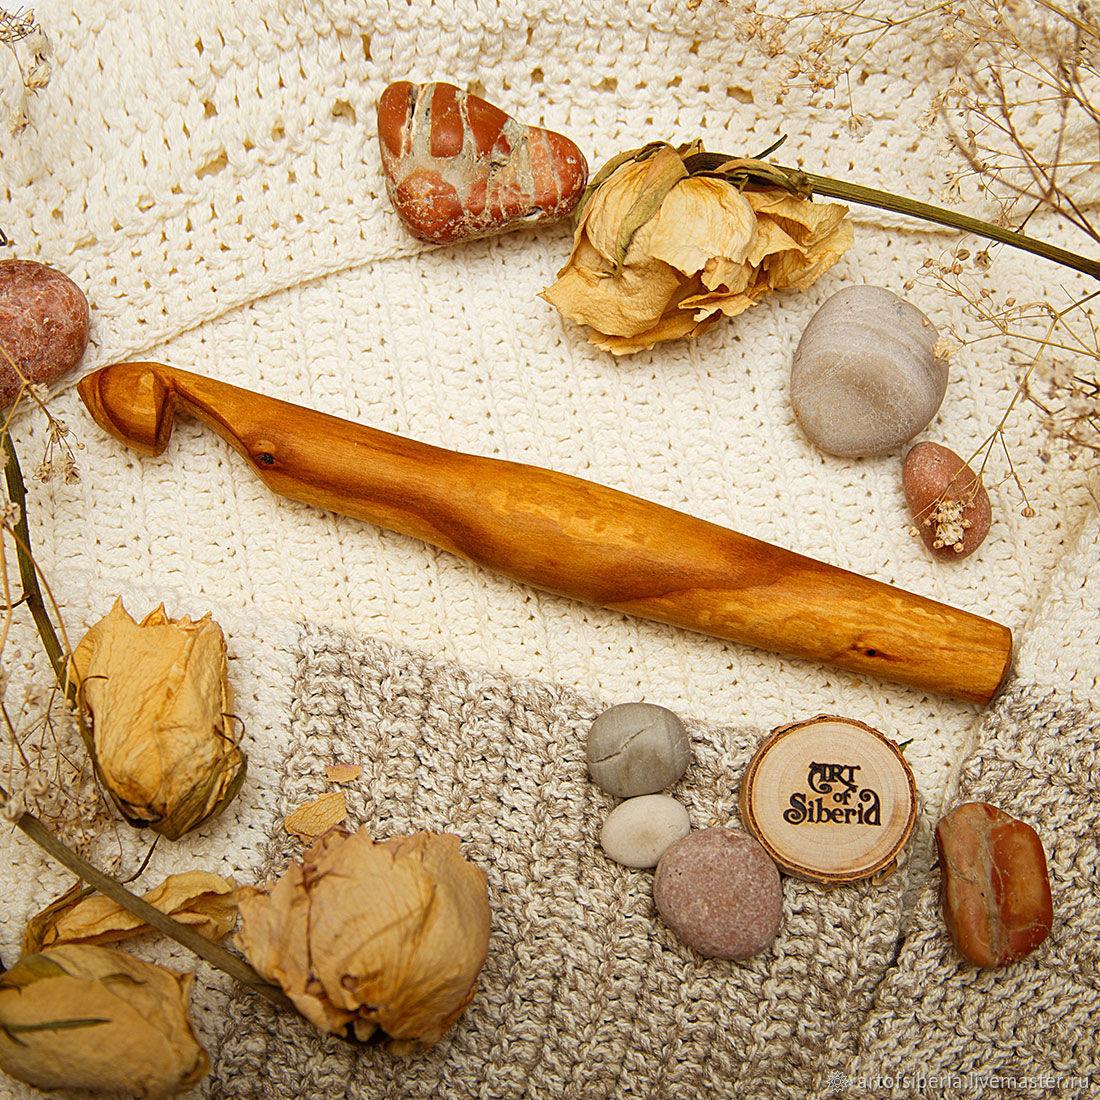 Деревянный Крючок для вязания 18 мм Вишня Крючки из дерева #K63, Инструменты, Новокузнецк, Фото №1